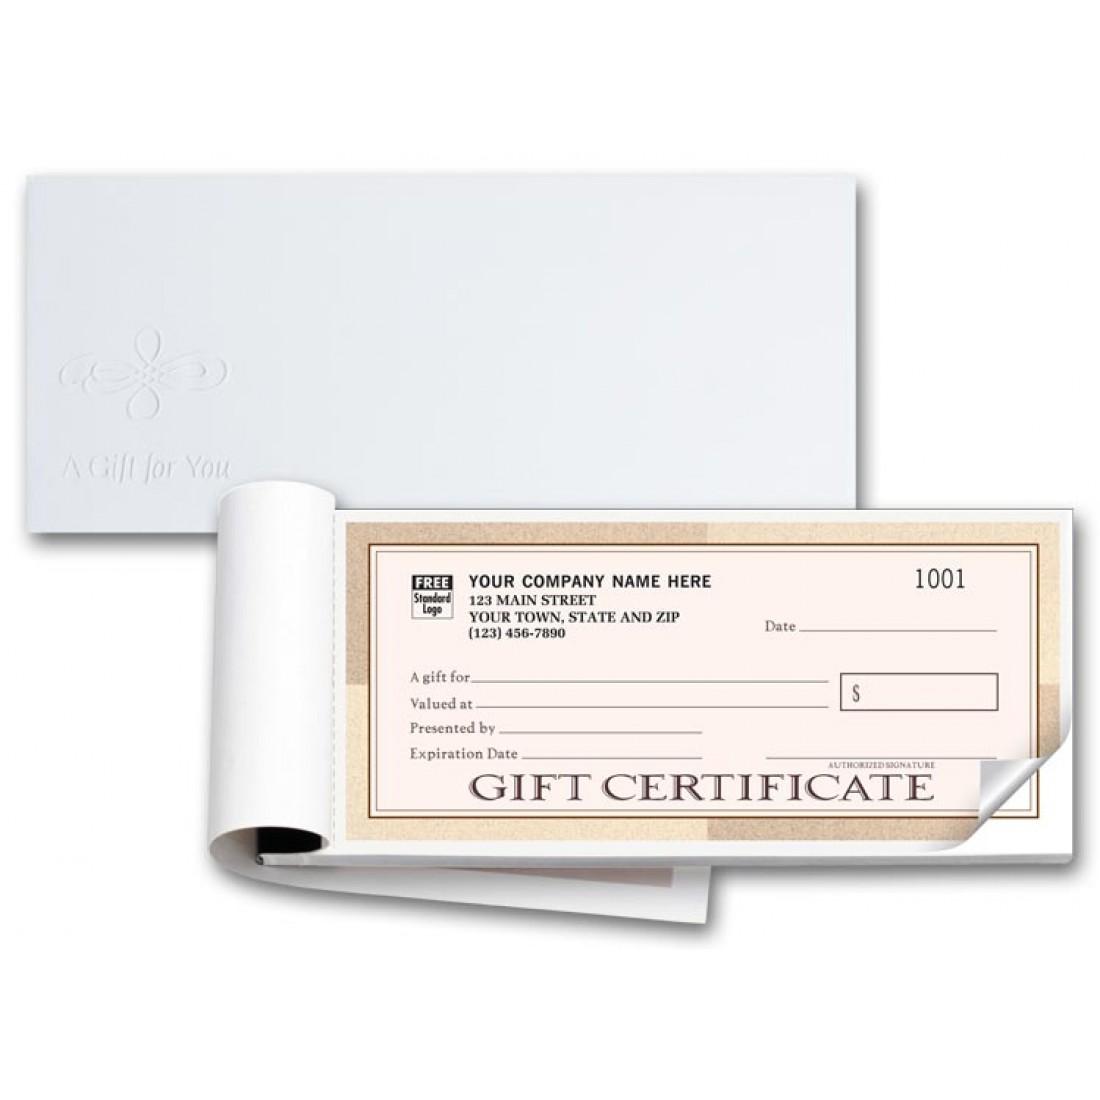 Santa Fe Customer Gift Certificate Books